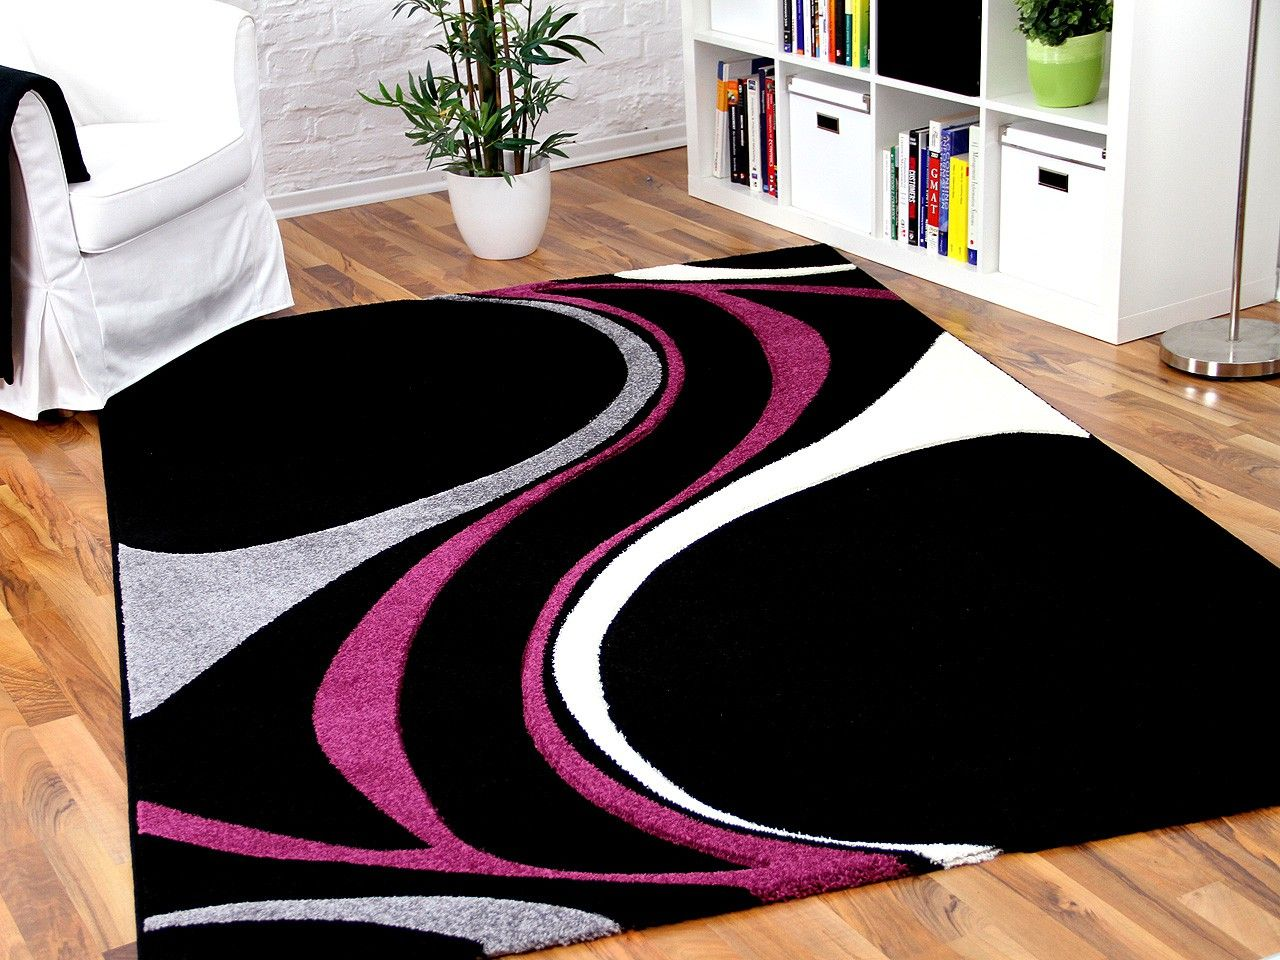 Badezimmerteppich Groß ~ Die besten große teppiche ideen auf